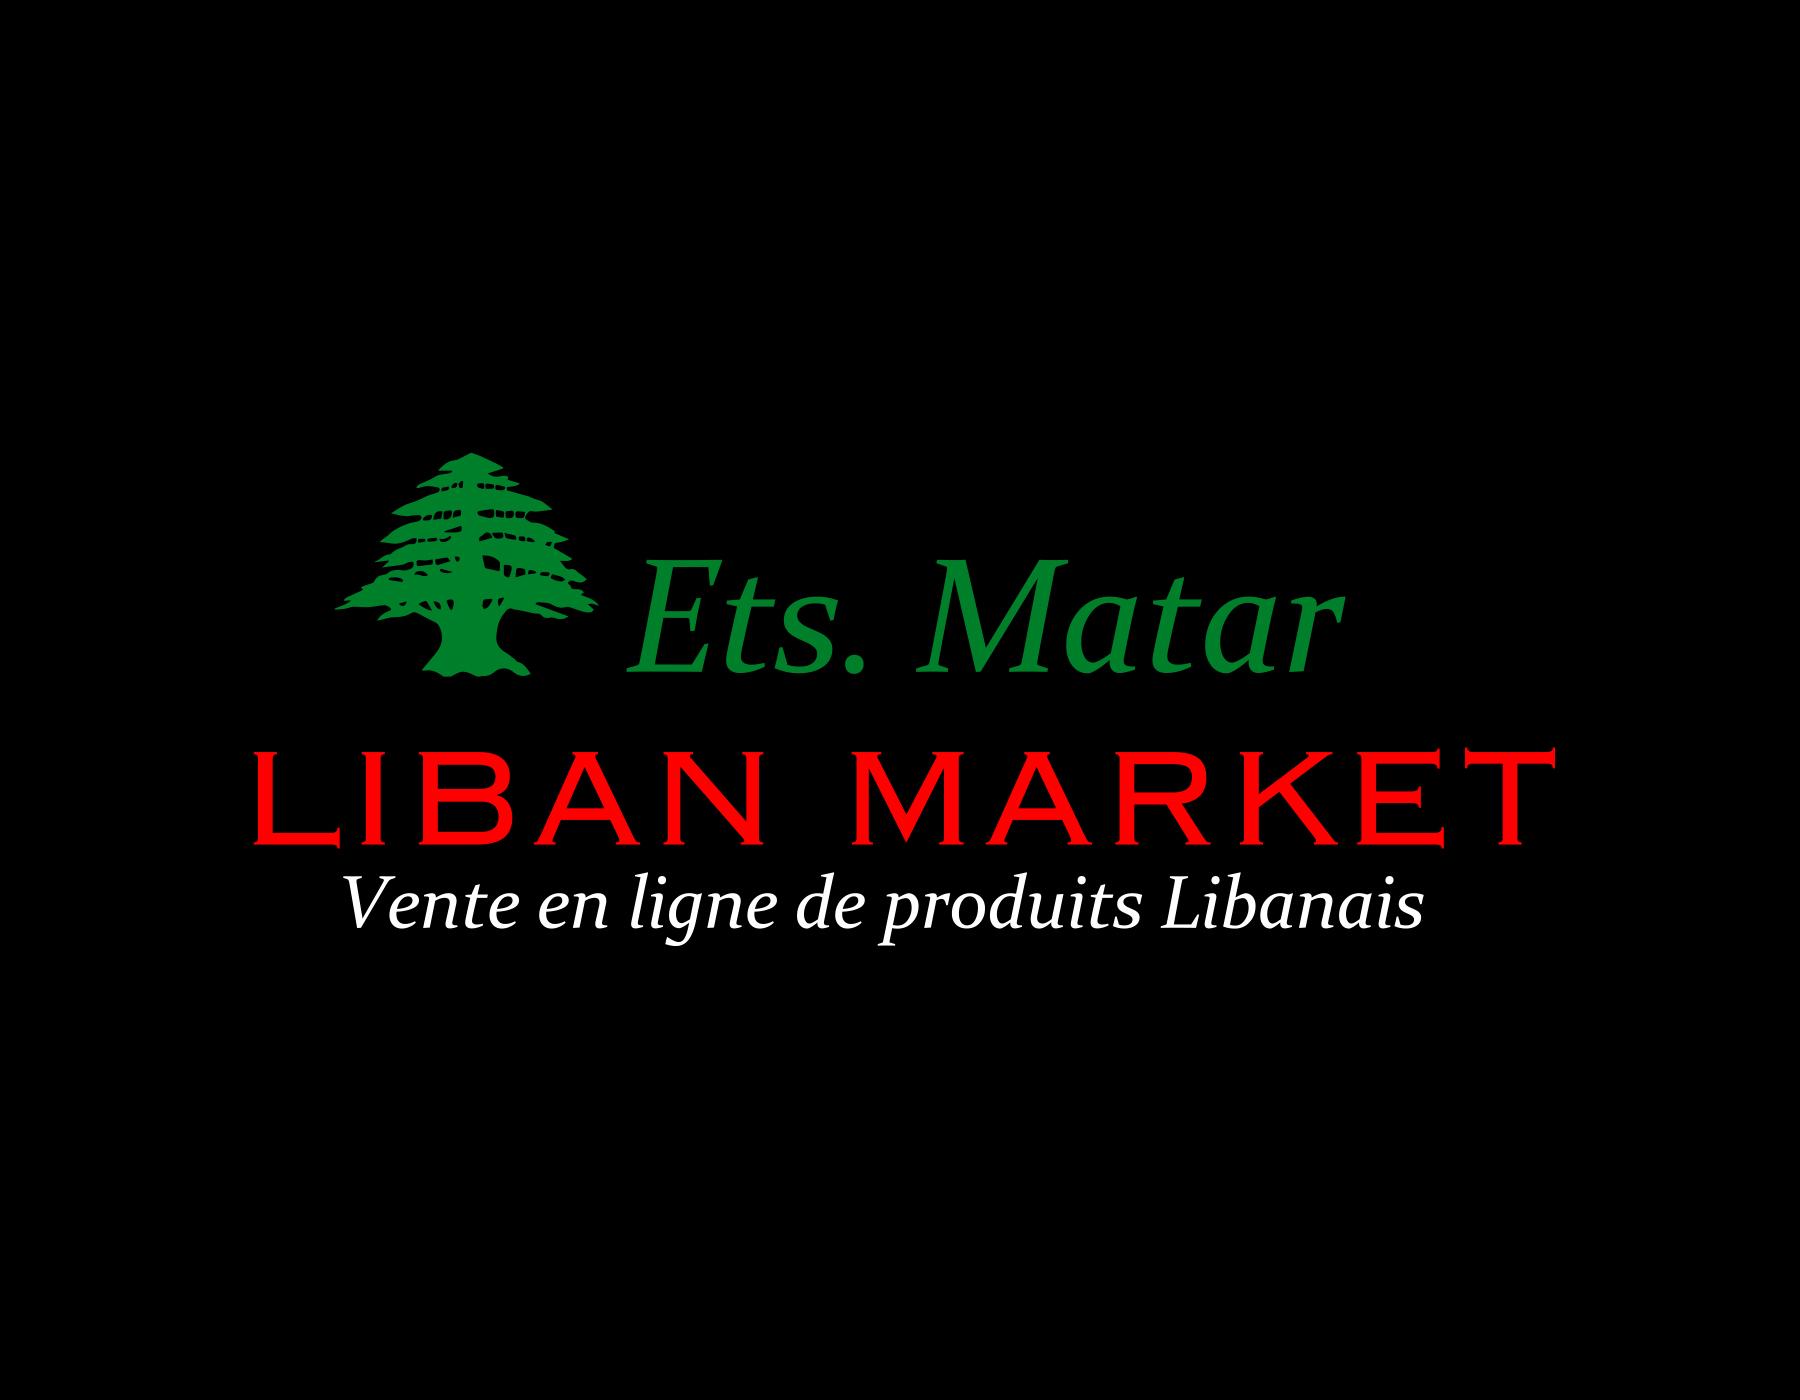 Gateaux libanais vente en ligne